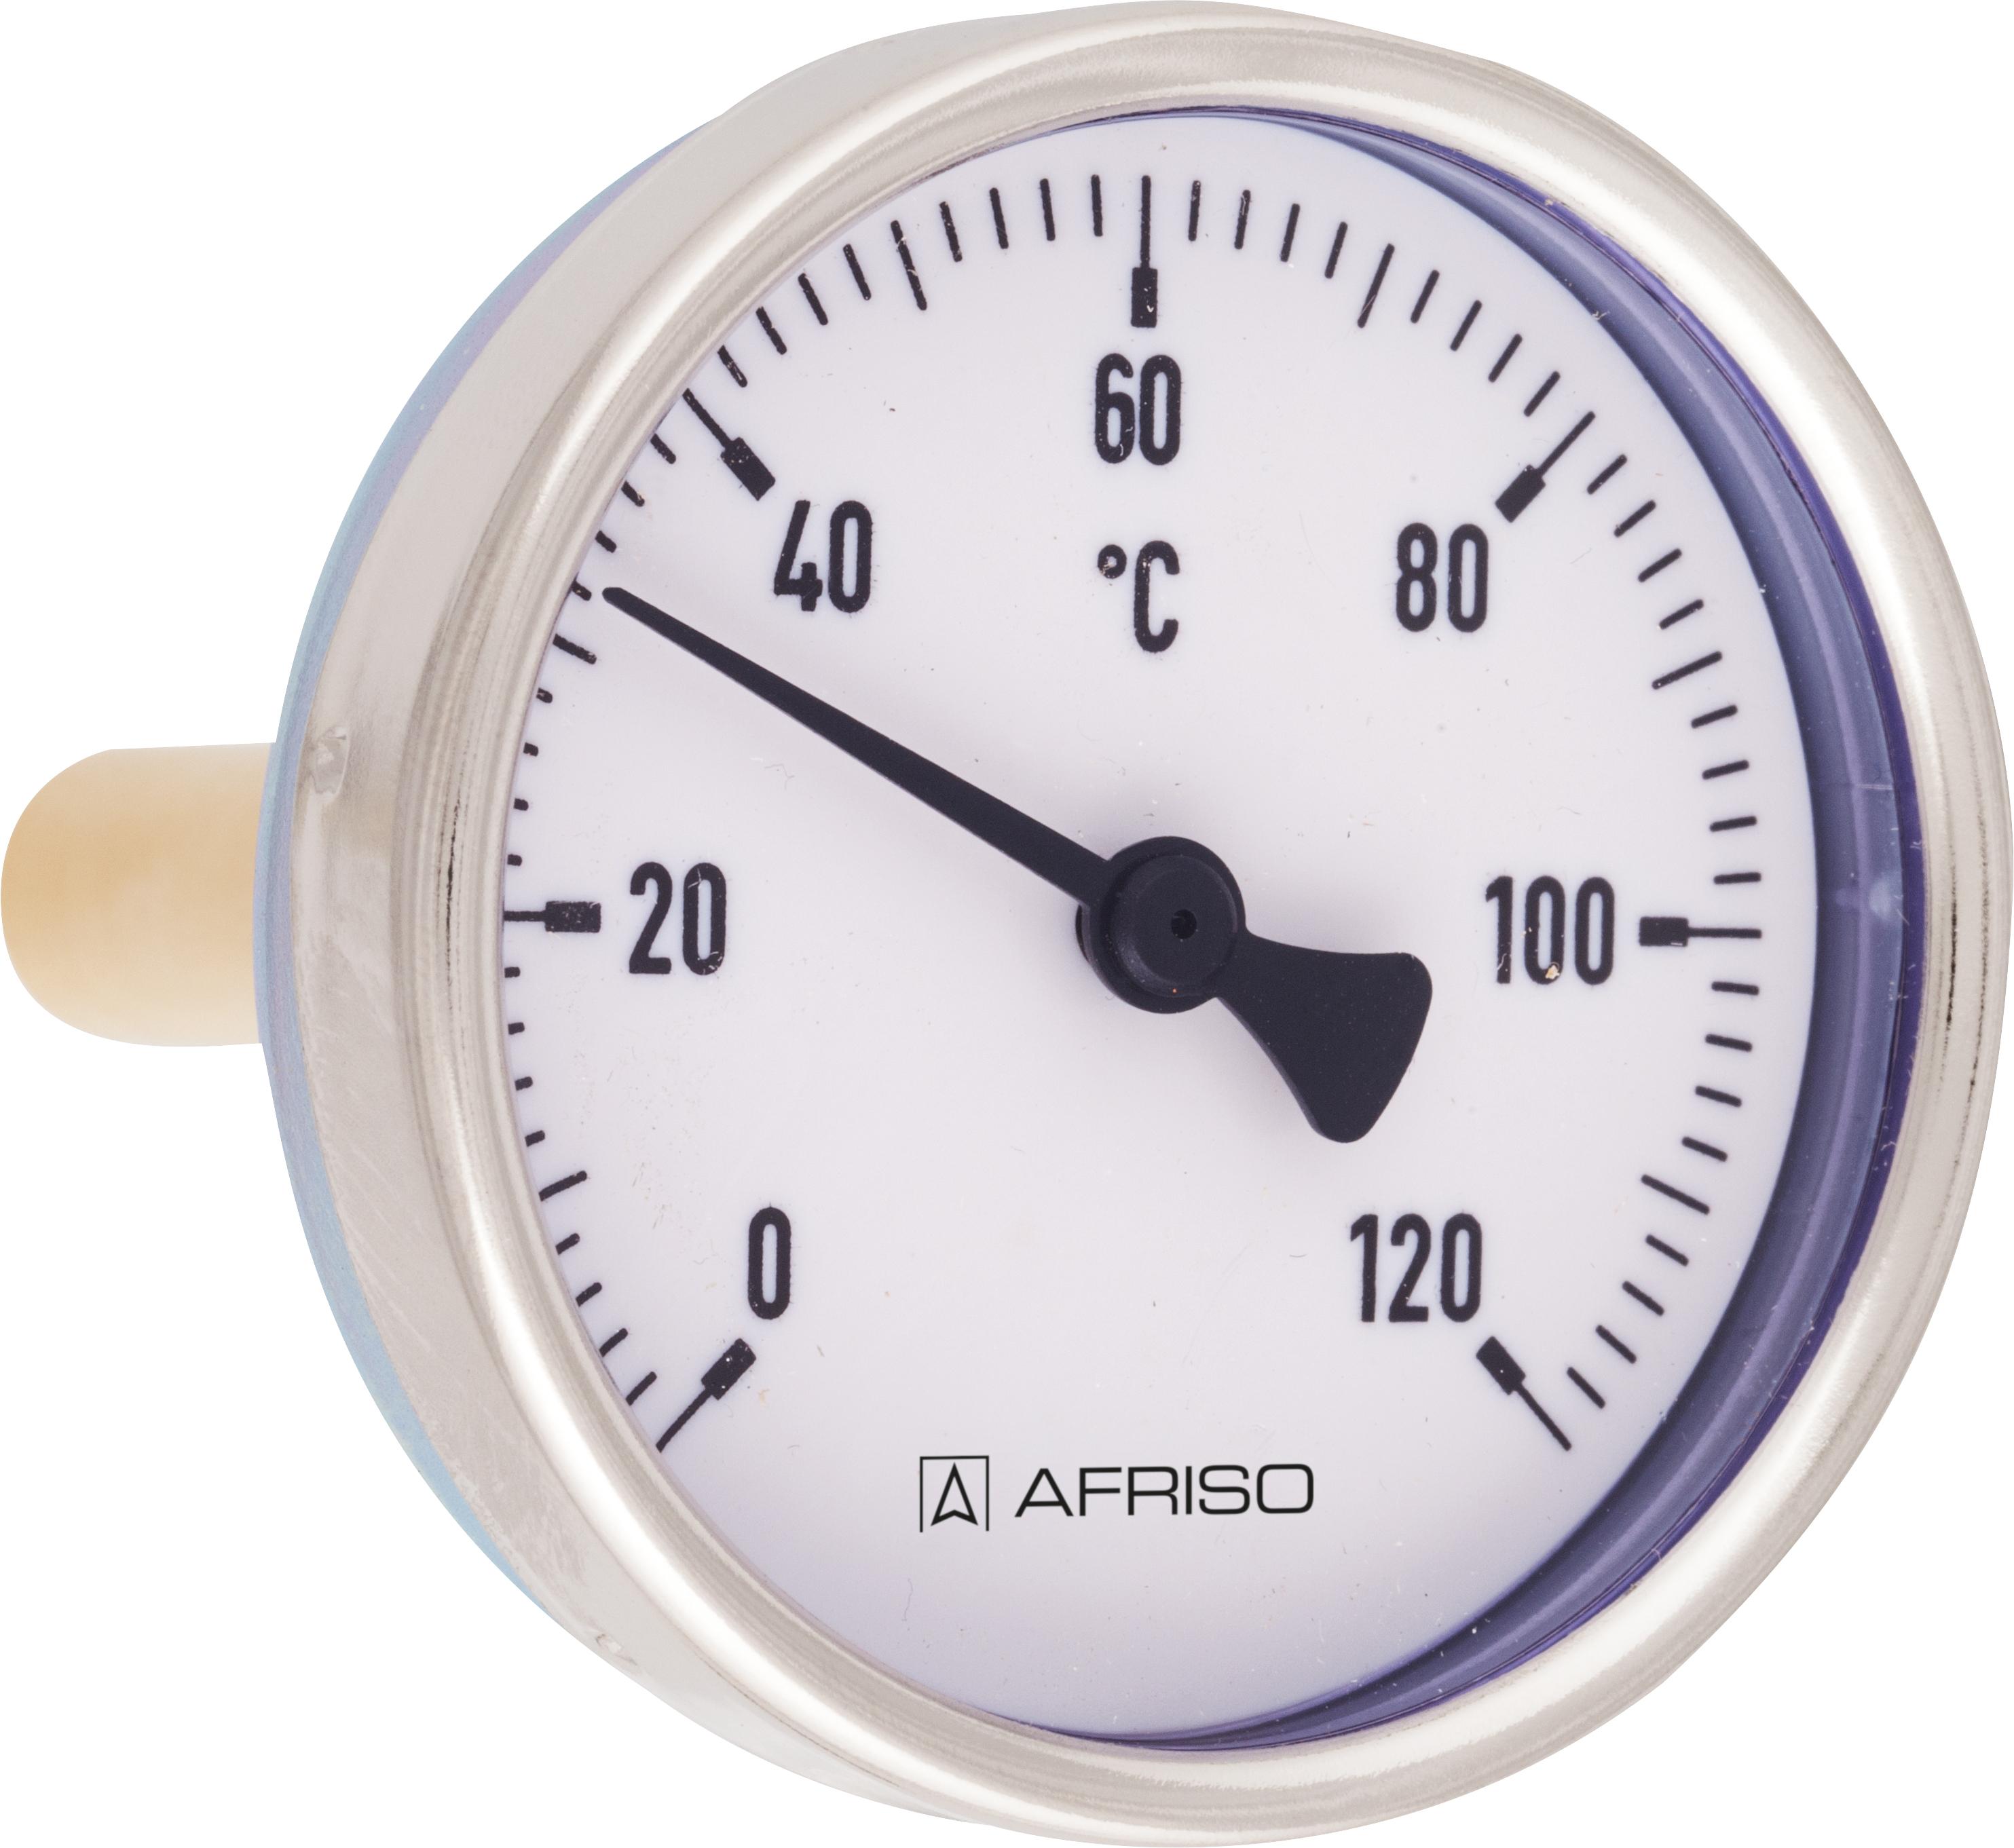 Termometr bimetaliczny BiTh 100 E, D312, fi100 mm, -20÷60°C, L 150 mm, ax, kl. 1